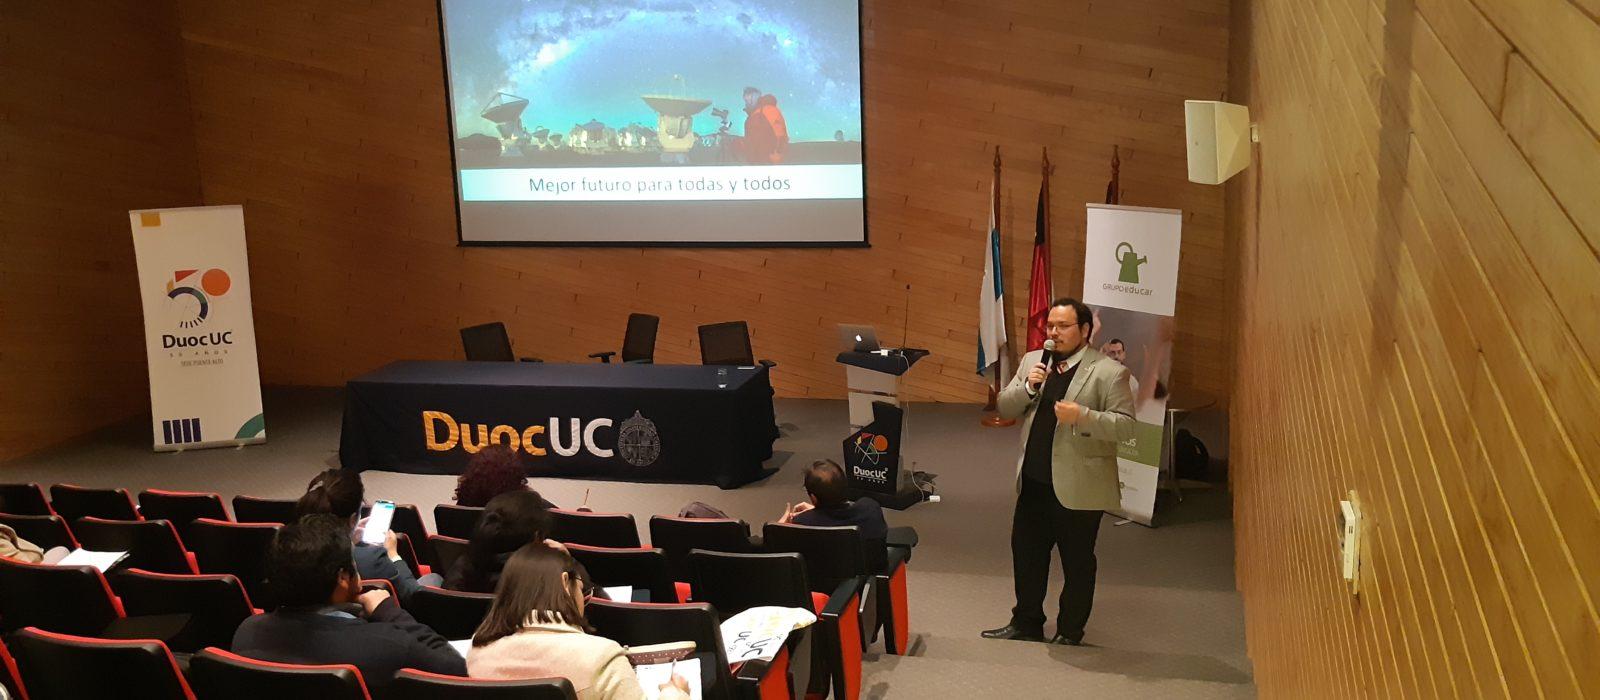 Exitosa charla de Mario Santelices en Duoc UC